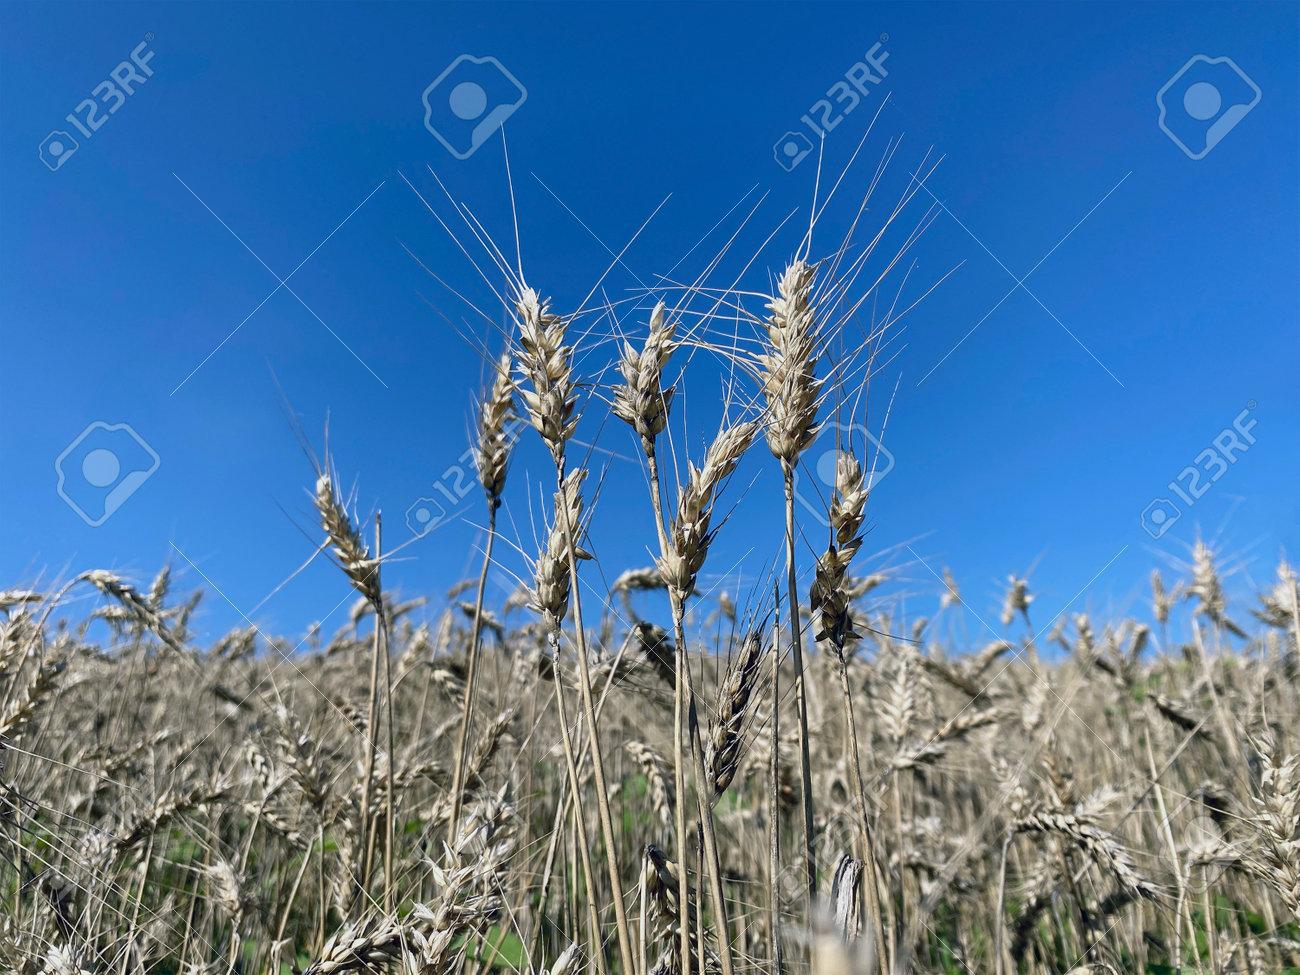 ears of ripe wheat in background blue sky - 173620573